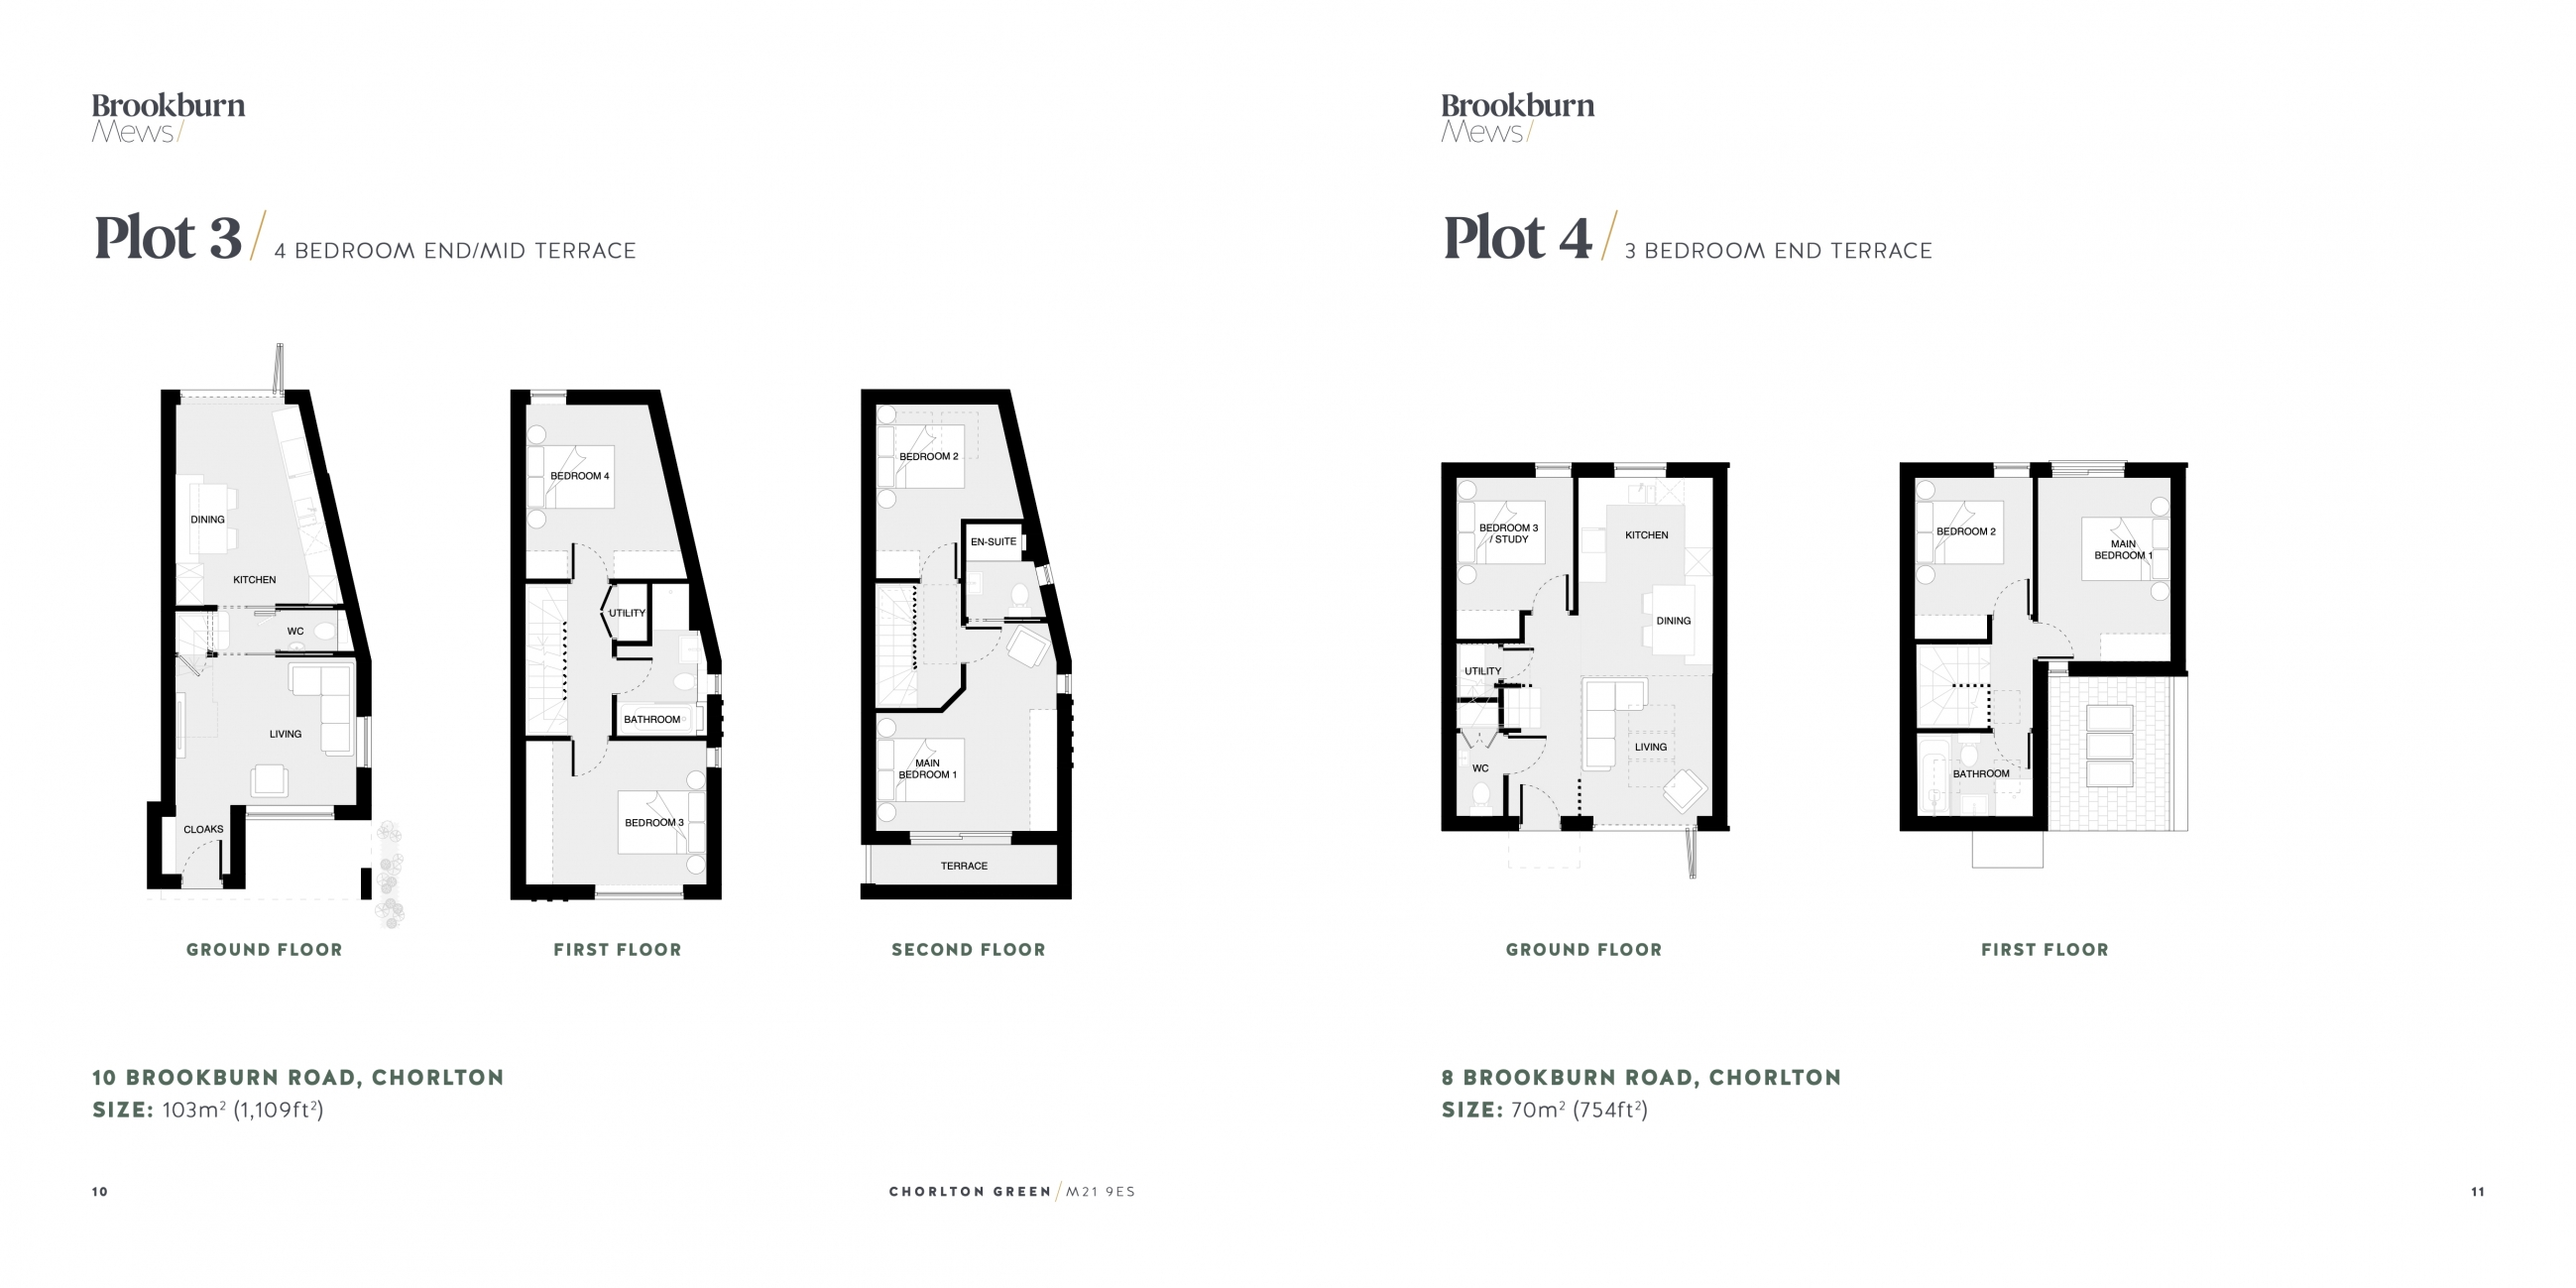 Brookburn Plans 2